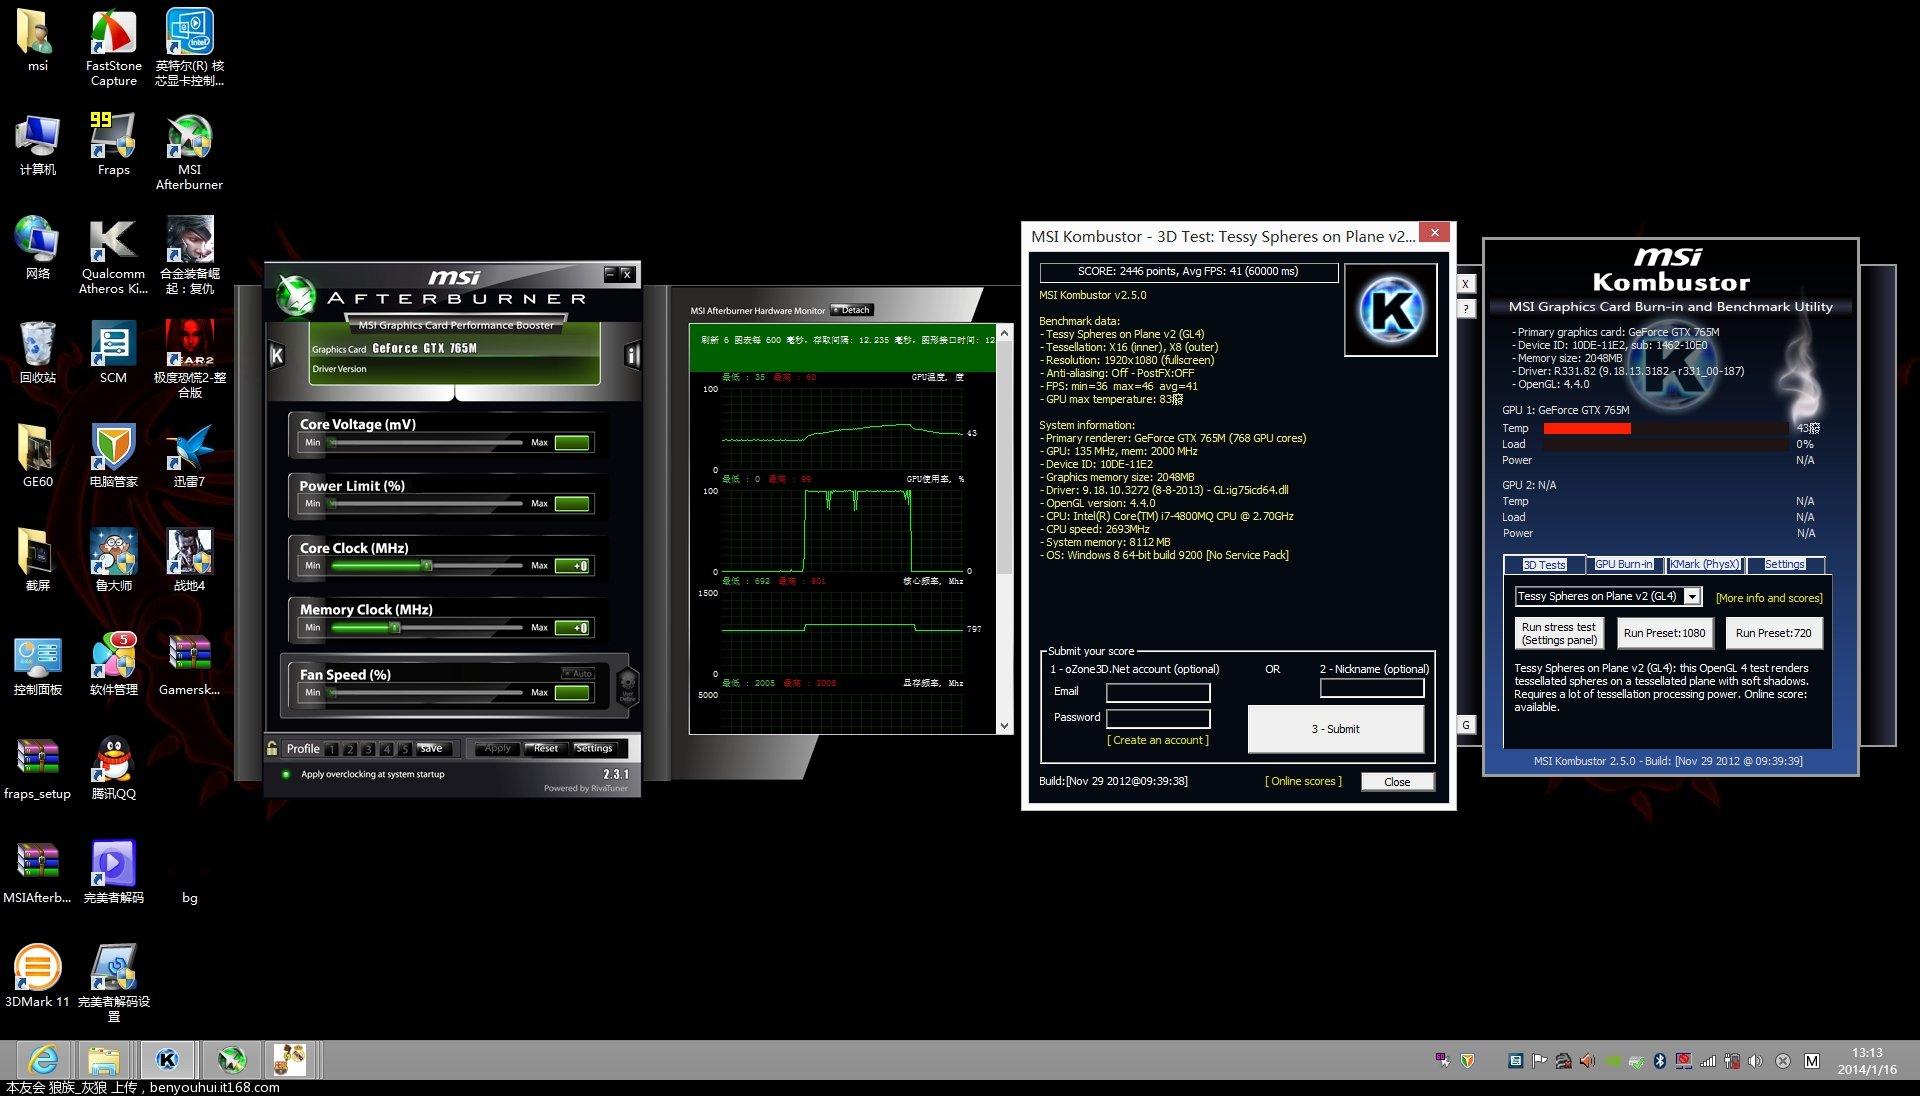 Desktop_2014_01_16_13_13_20_929.jpg